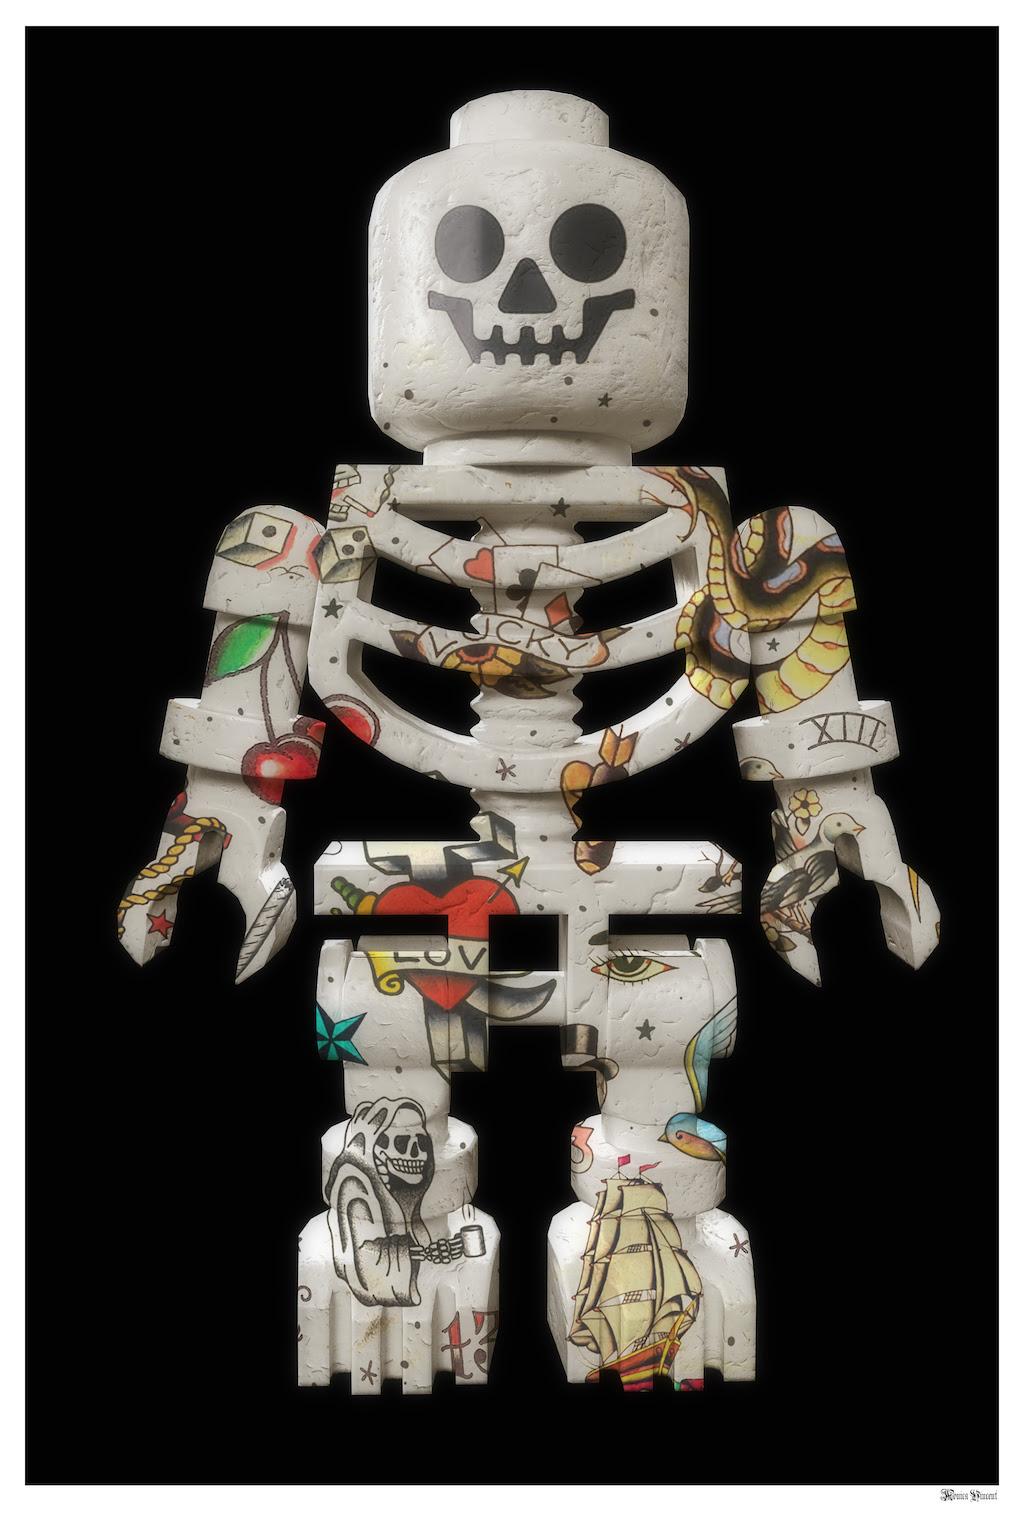 Lego Skeleton (Black Background) - Large by Monica Vincent